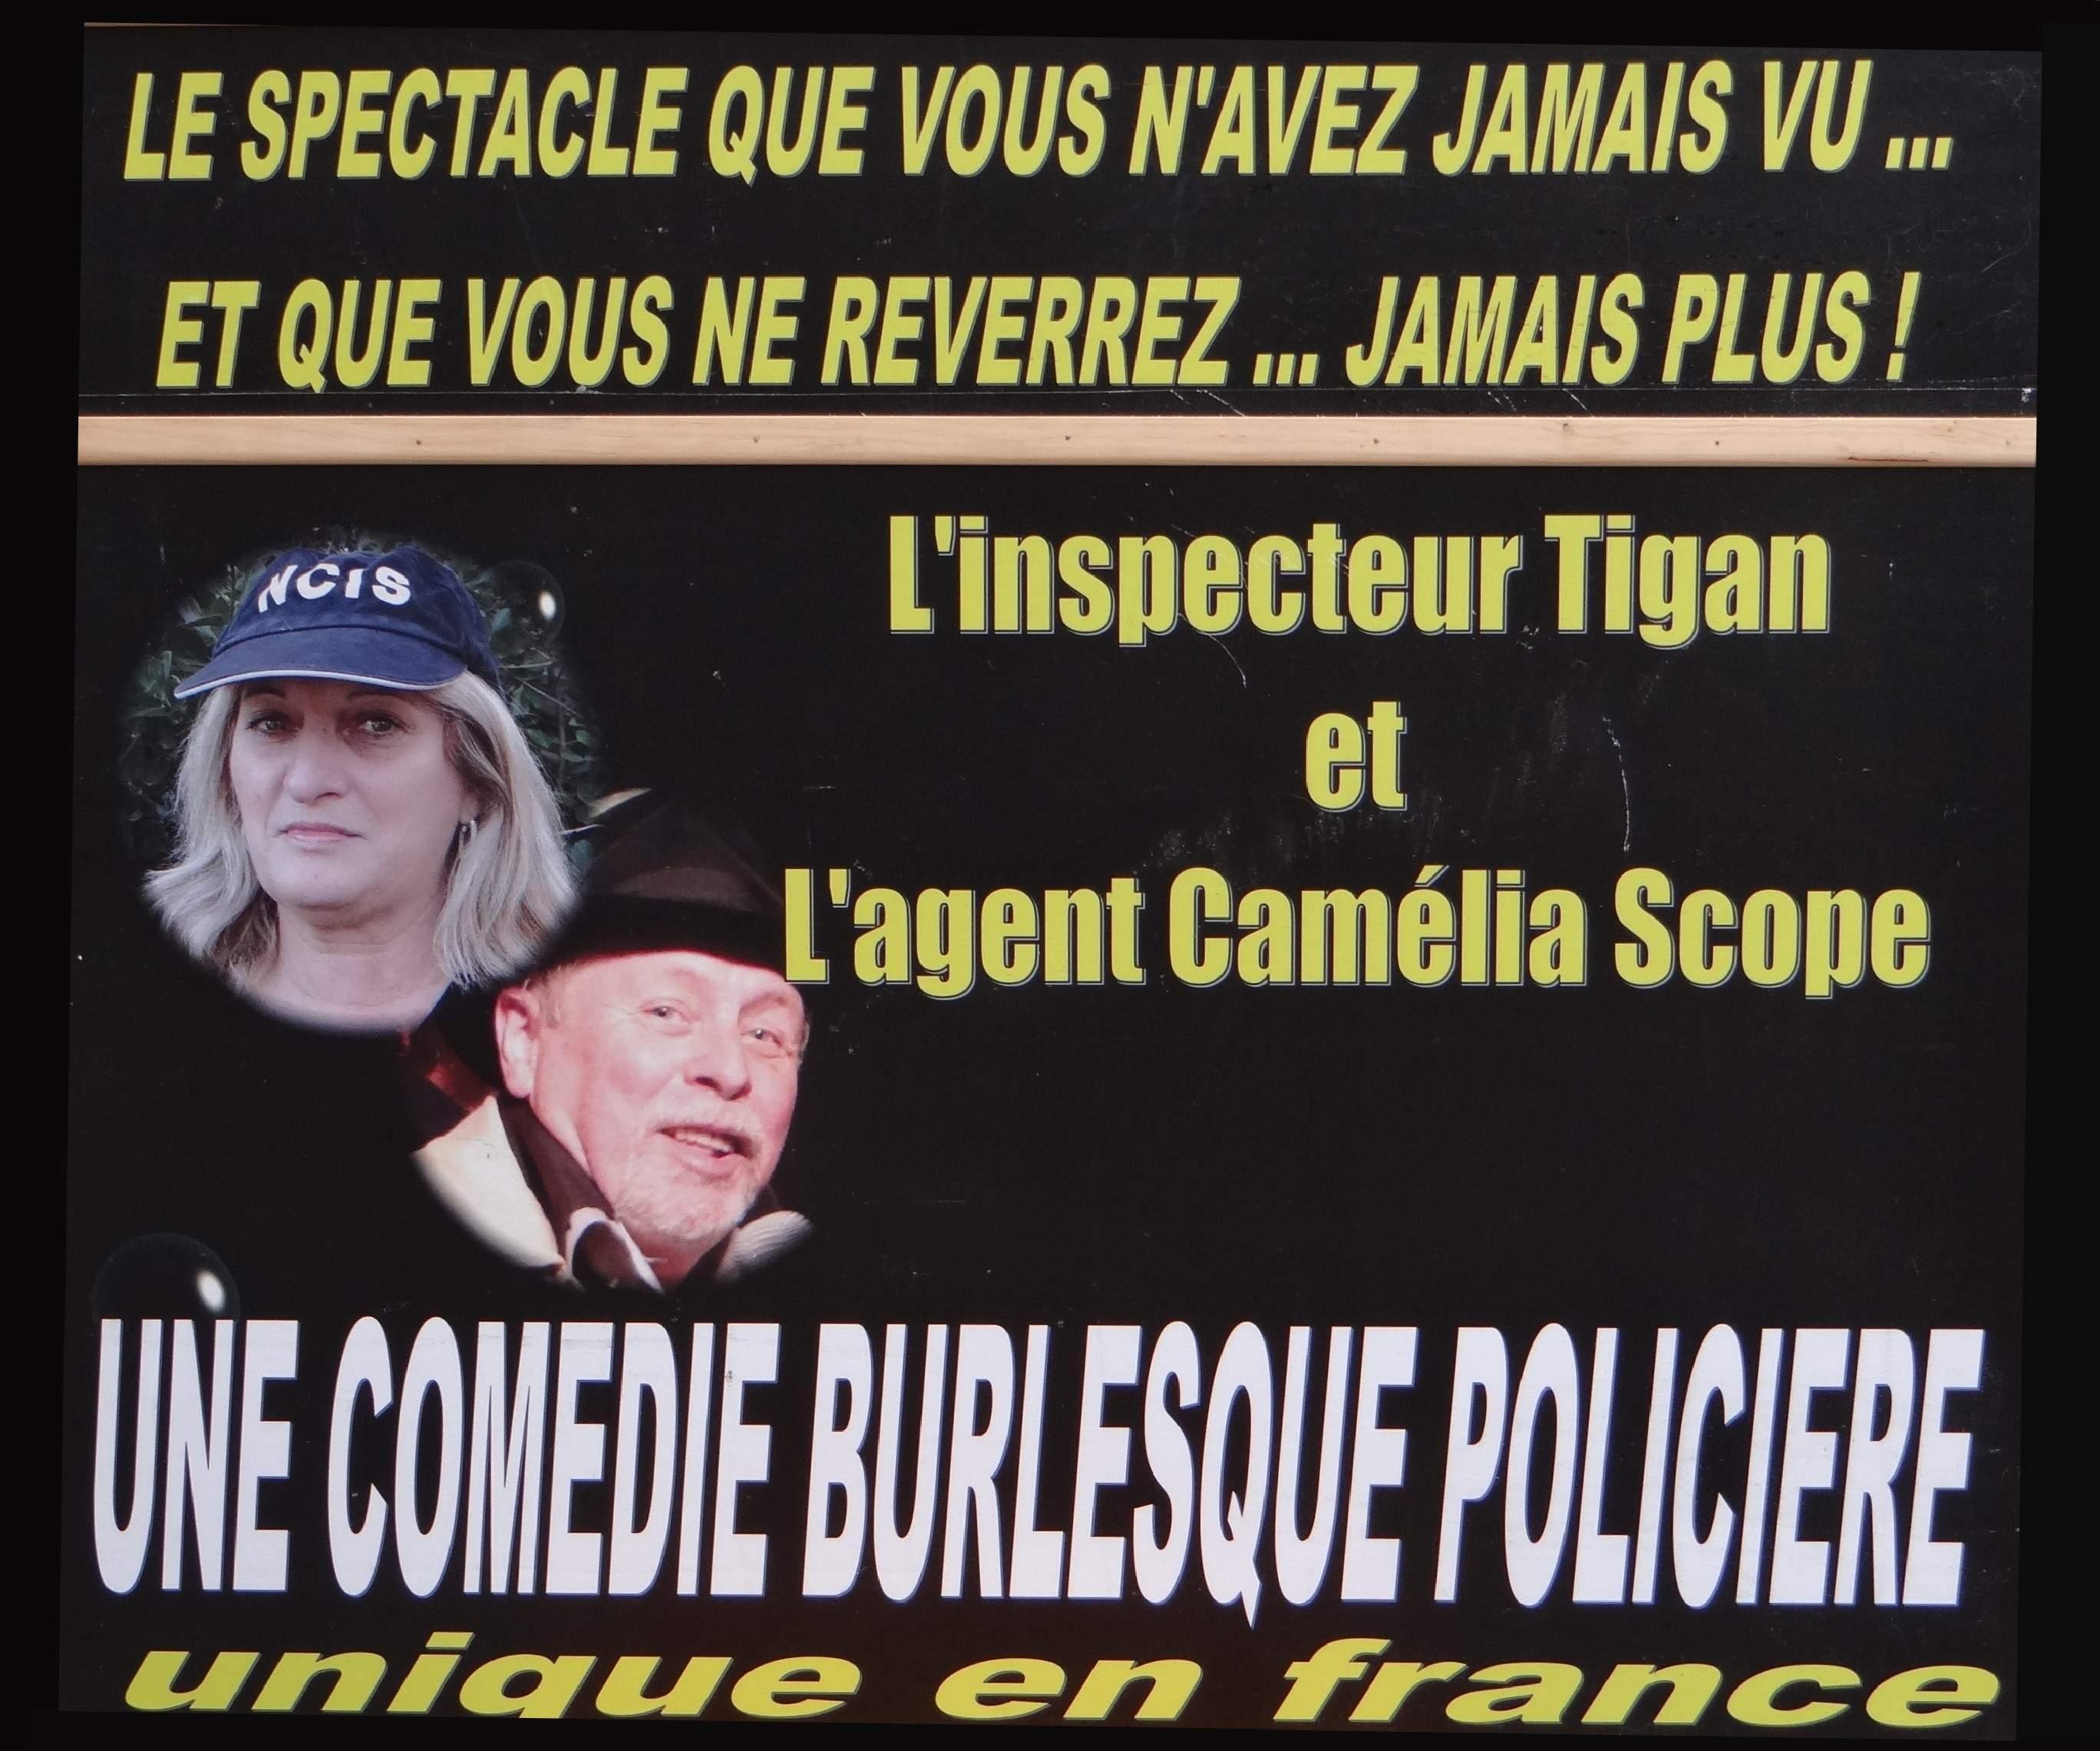 Inspecteur Tigan  - L'enquête policière totalement improvisée par le public